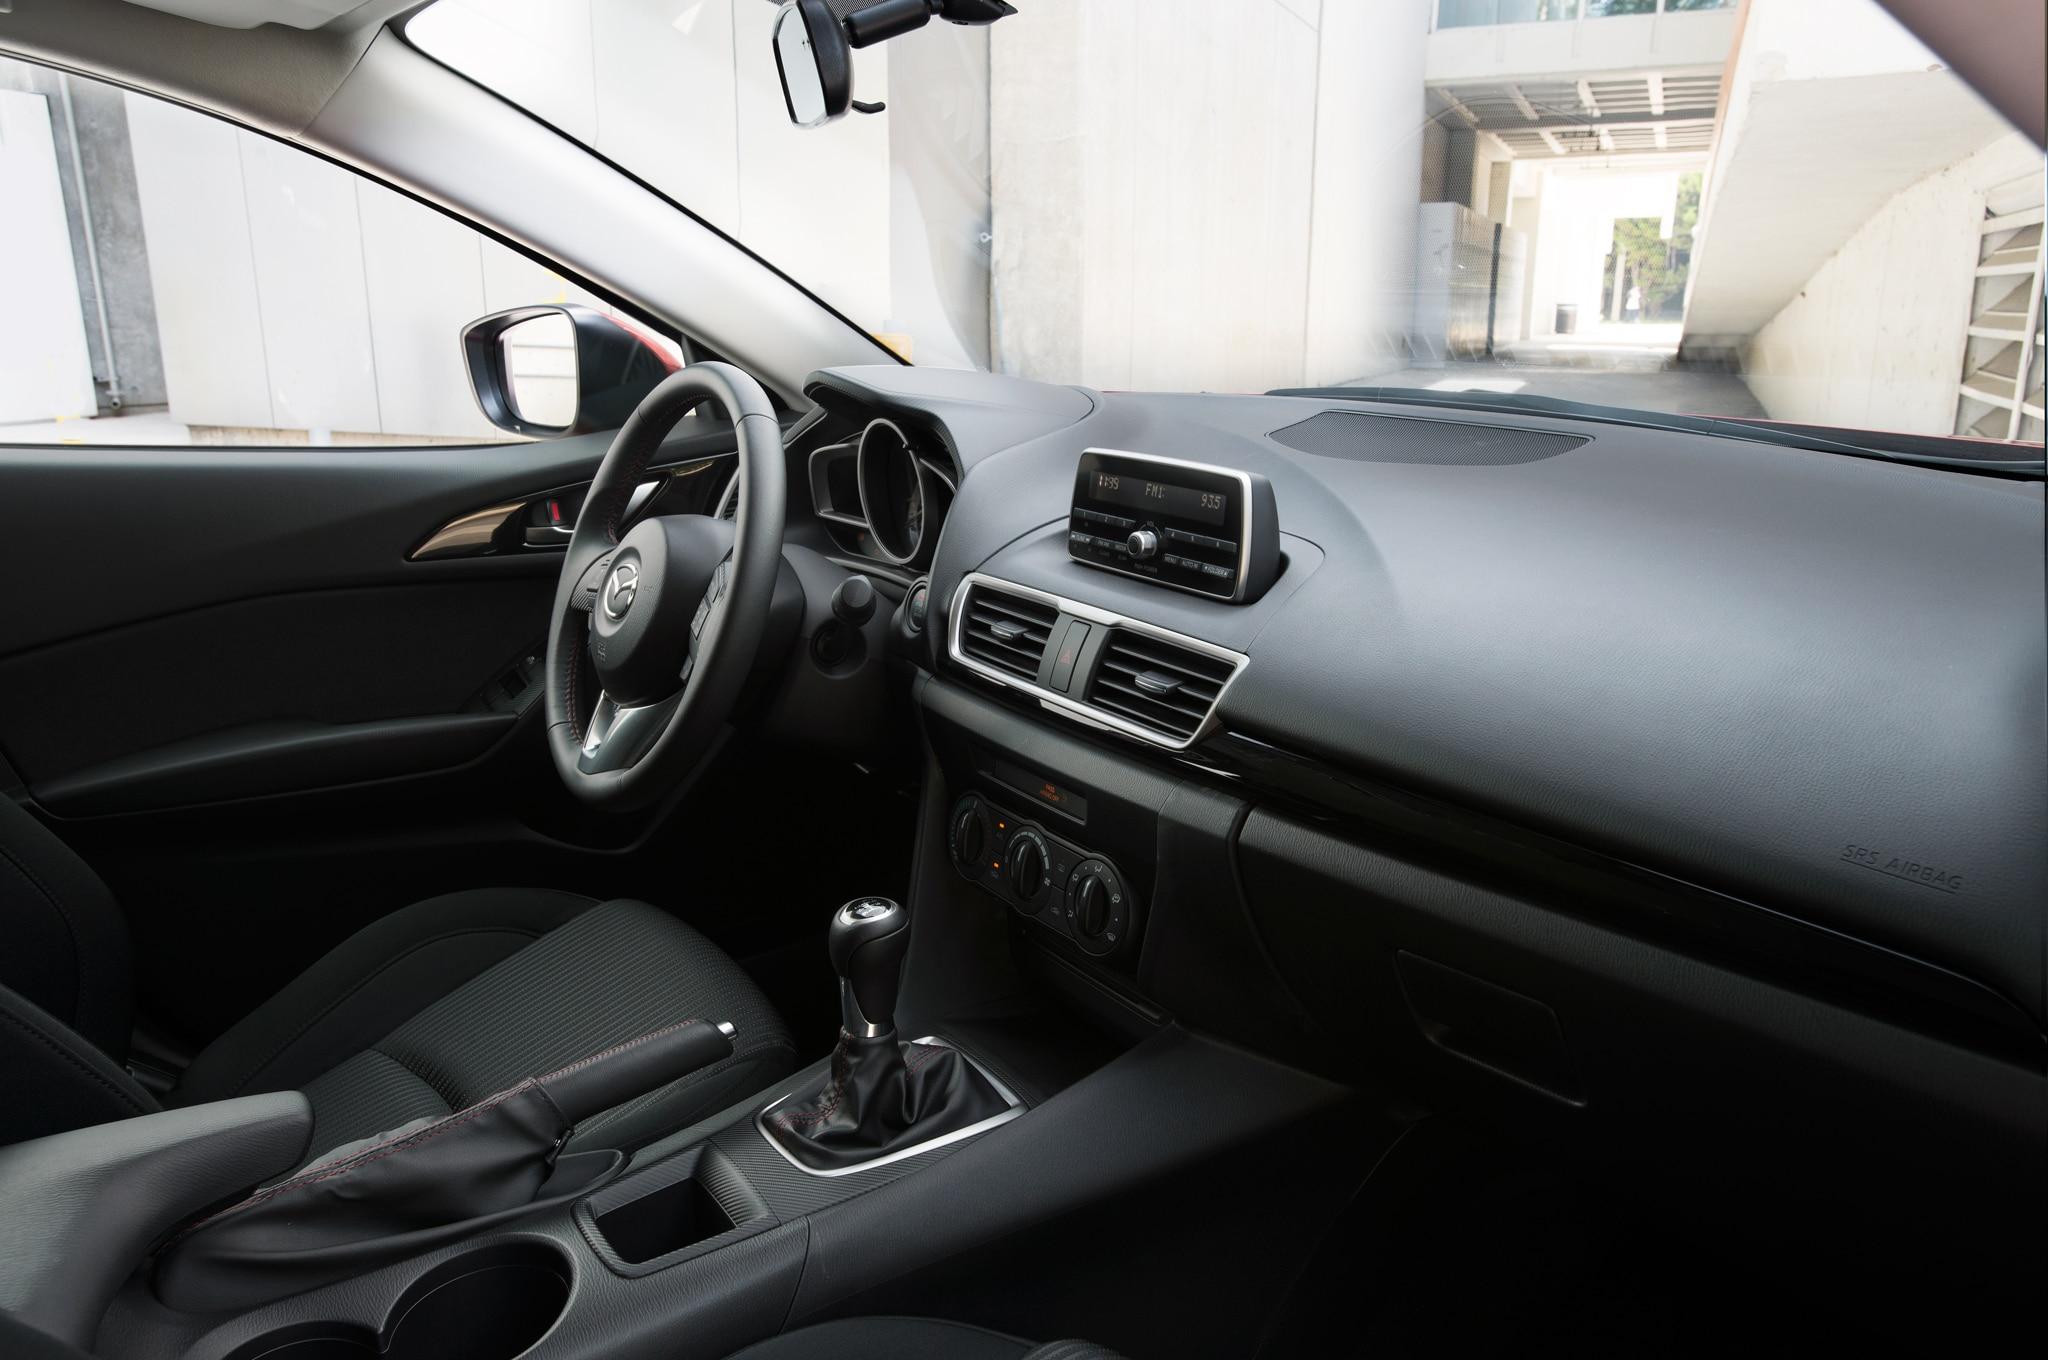 2014 Mazda3. 51|205